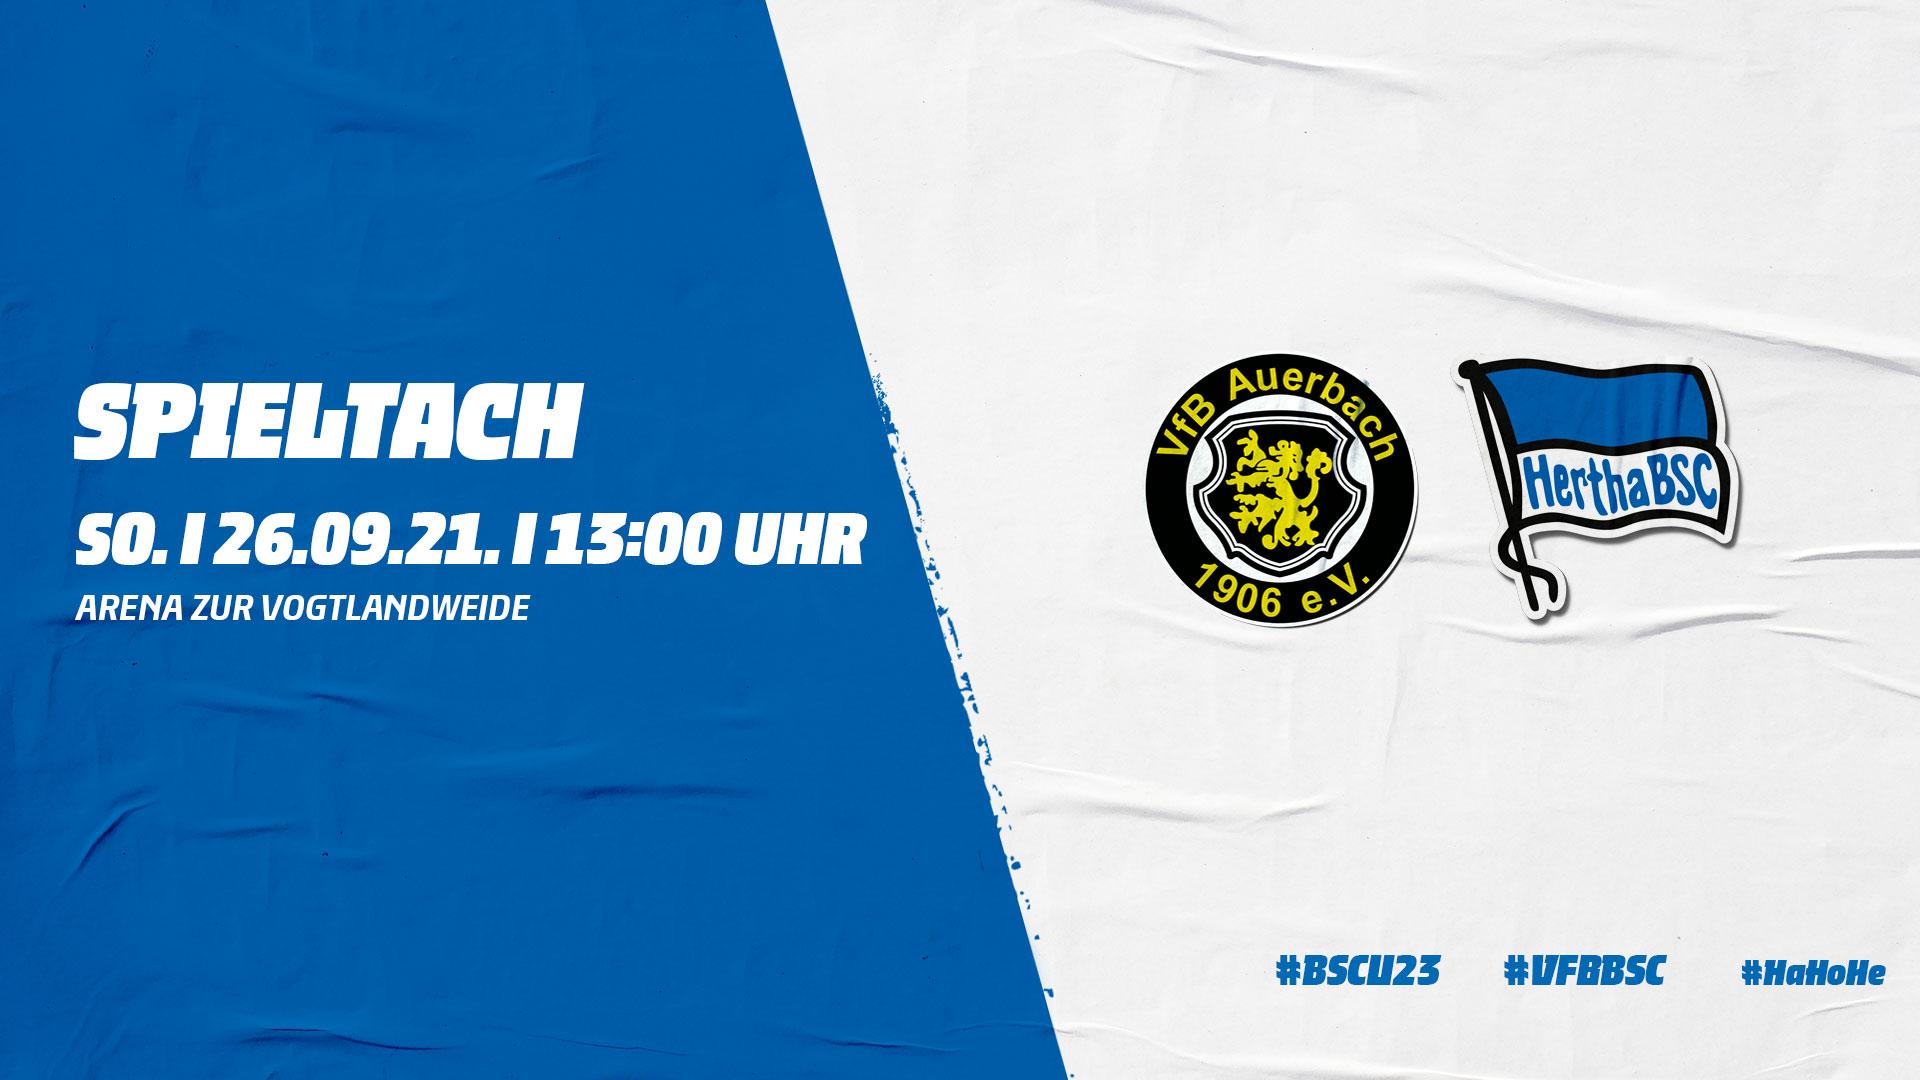 Spieltagsankündigung VfB Auerbach gegen Hertha BSC U23.